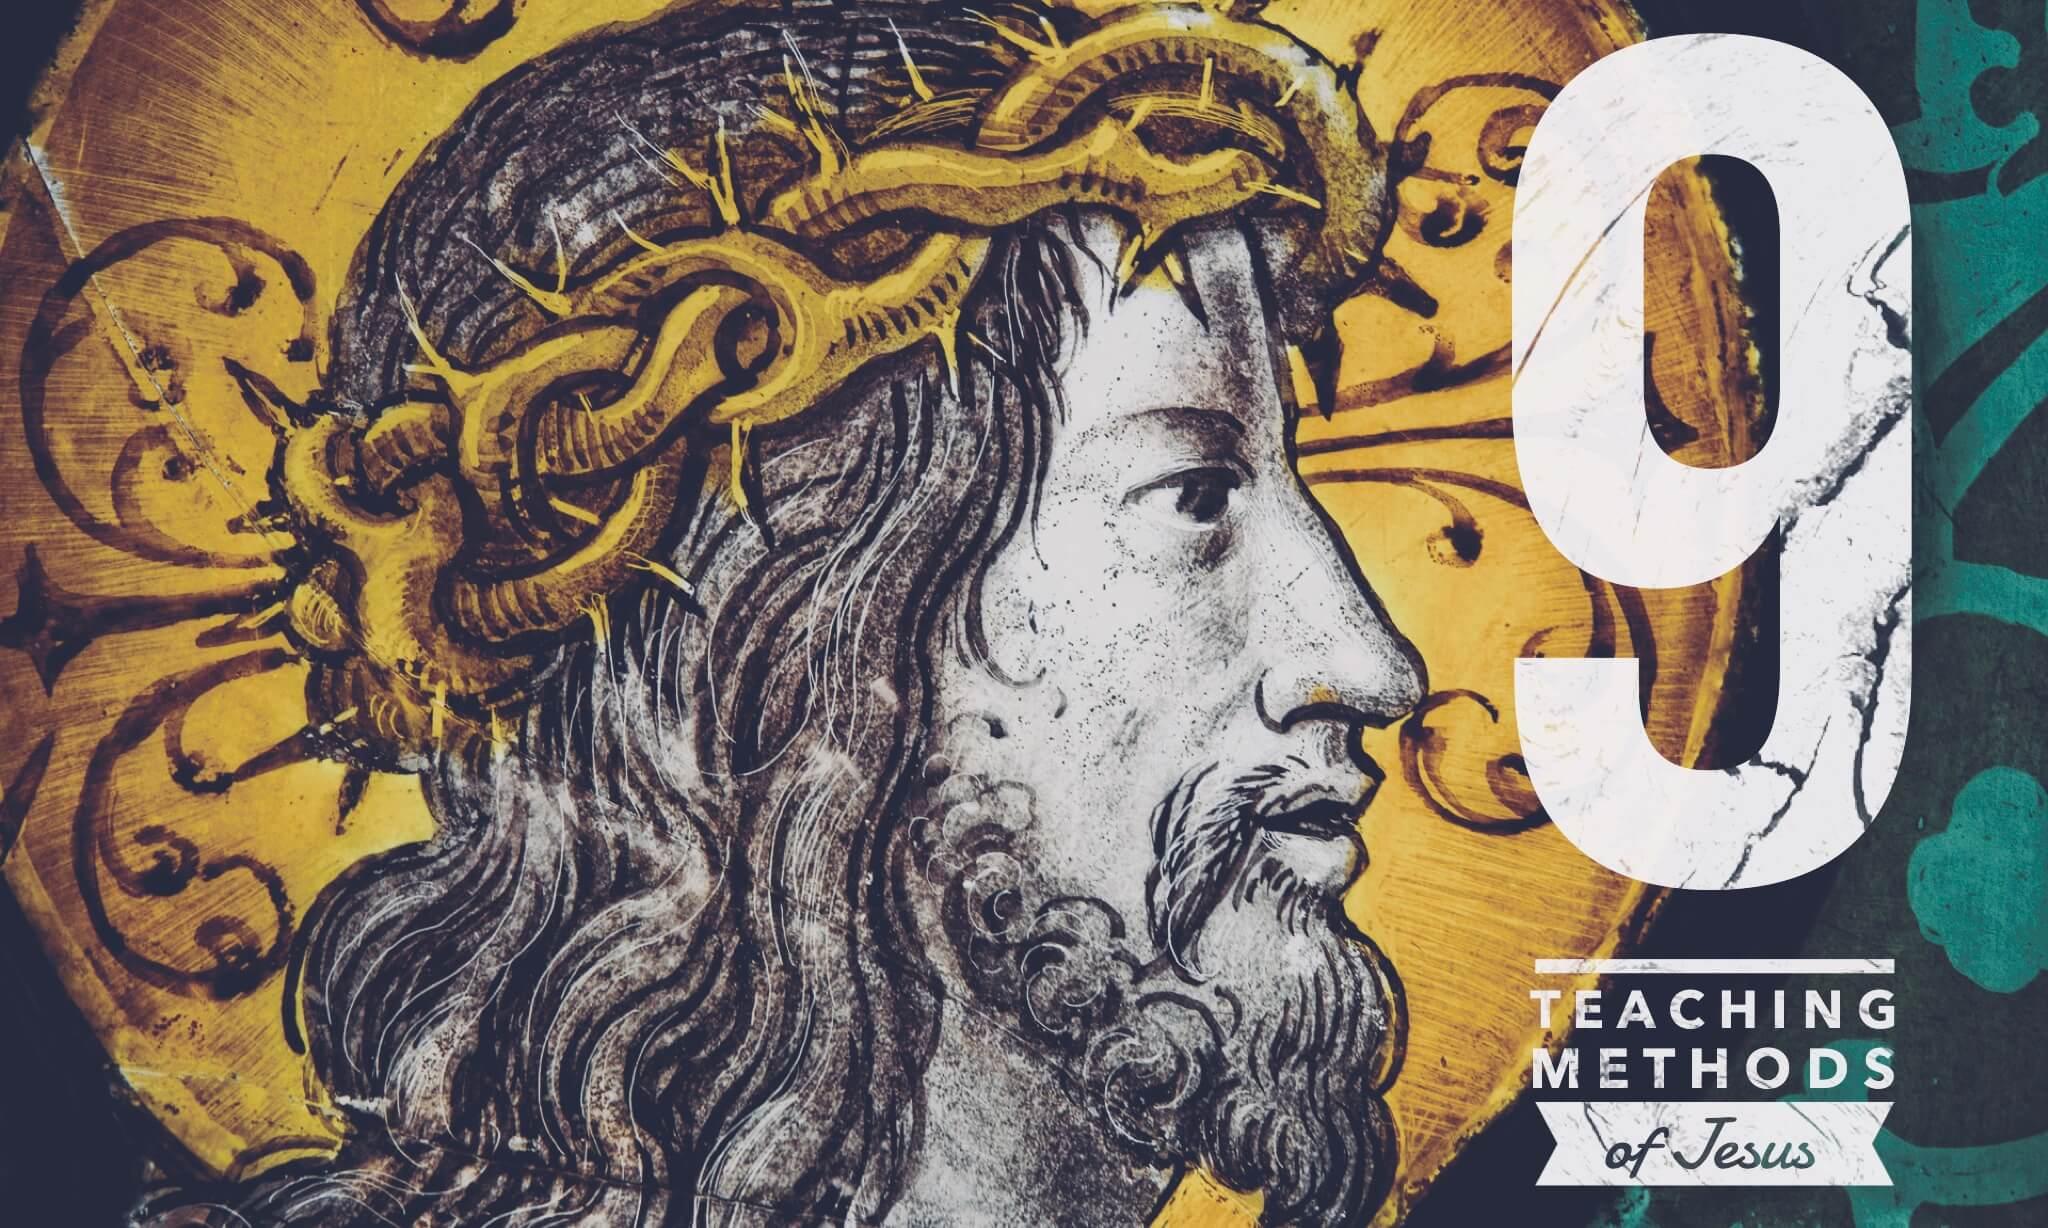 9 Teaching Methods of Jesus